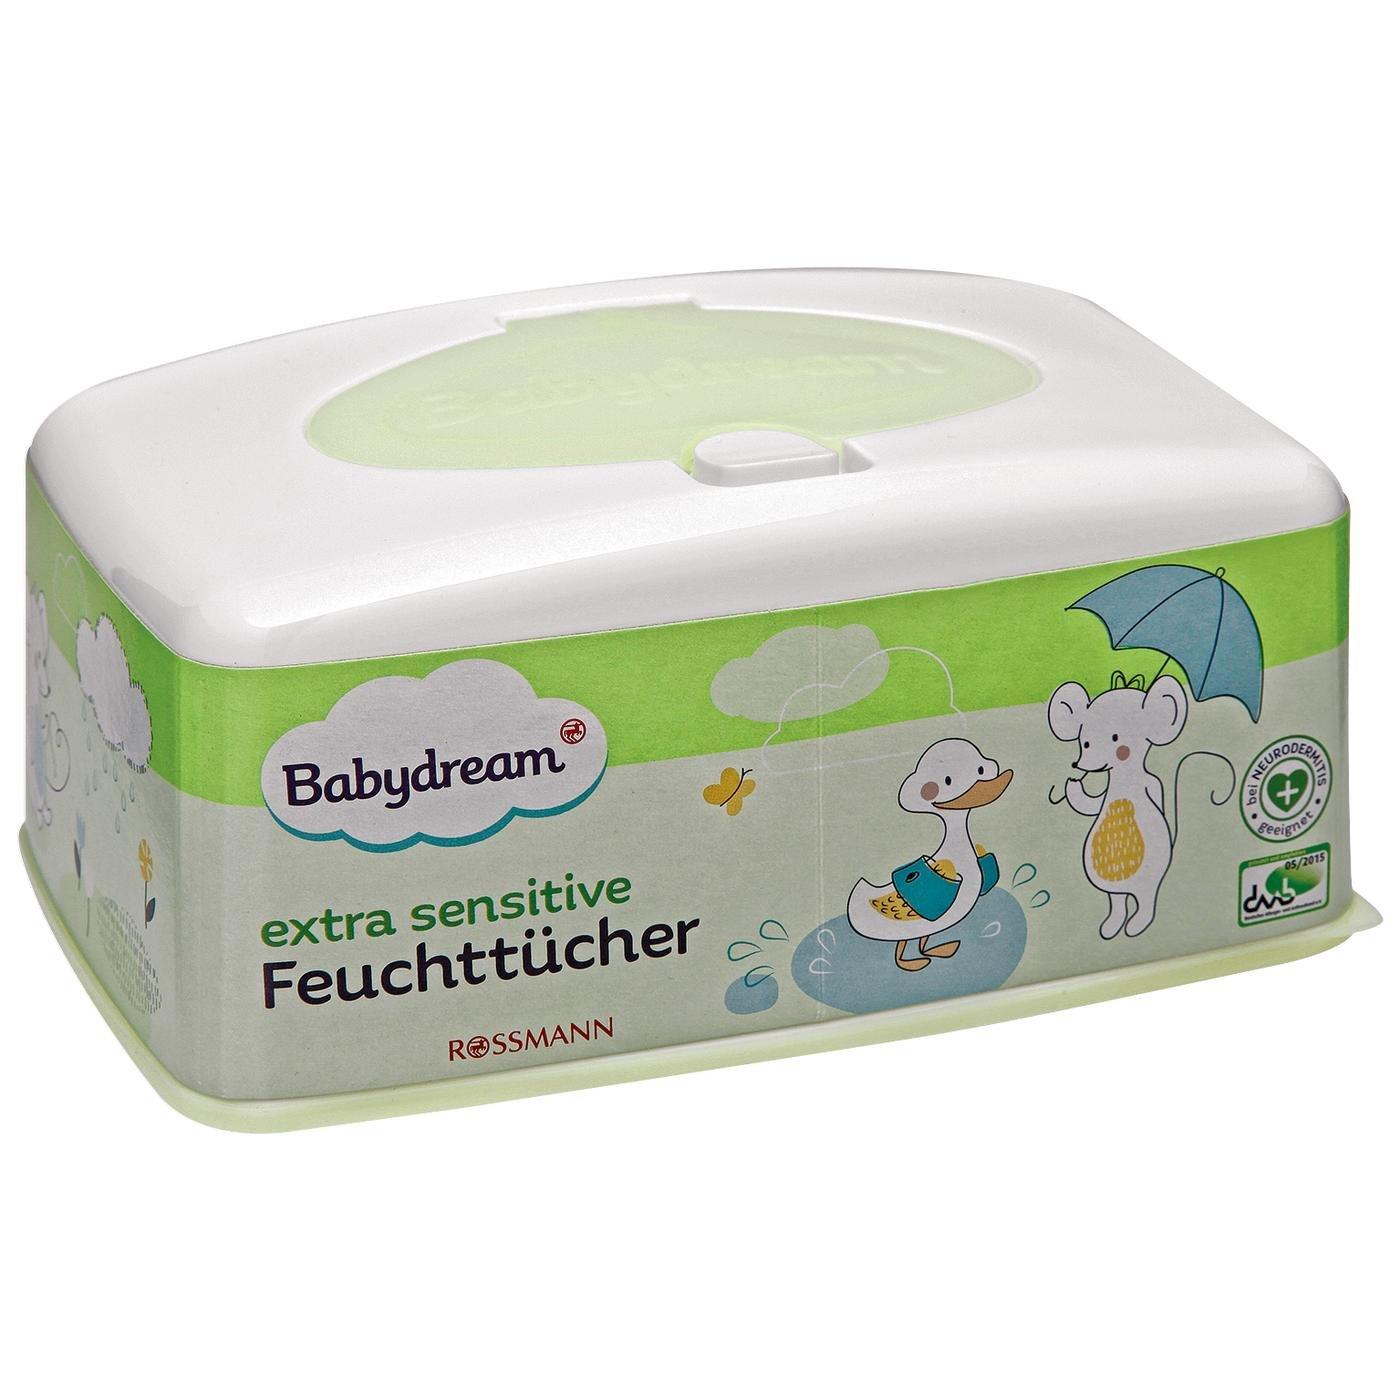 Babydream extra sensitive Feuchttücher Box 1 Stück für empfindliche Haut, schonende Reinigung, ohne Pafüm, mit Aloe Vera & Allantion, bei Neurodermitis geeignet ohne Pafüm